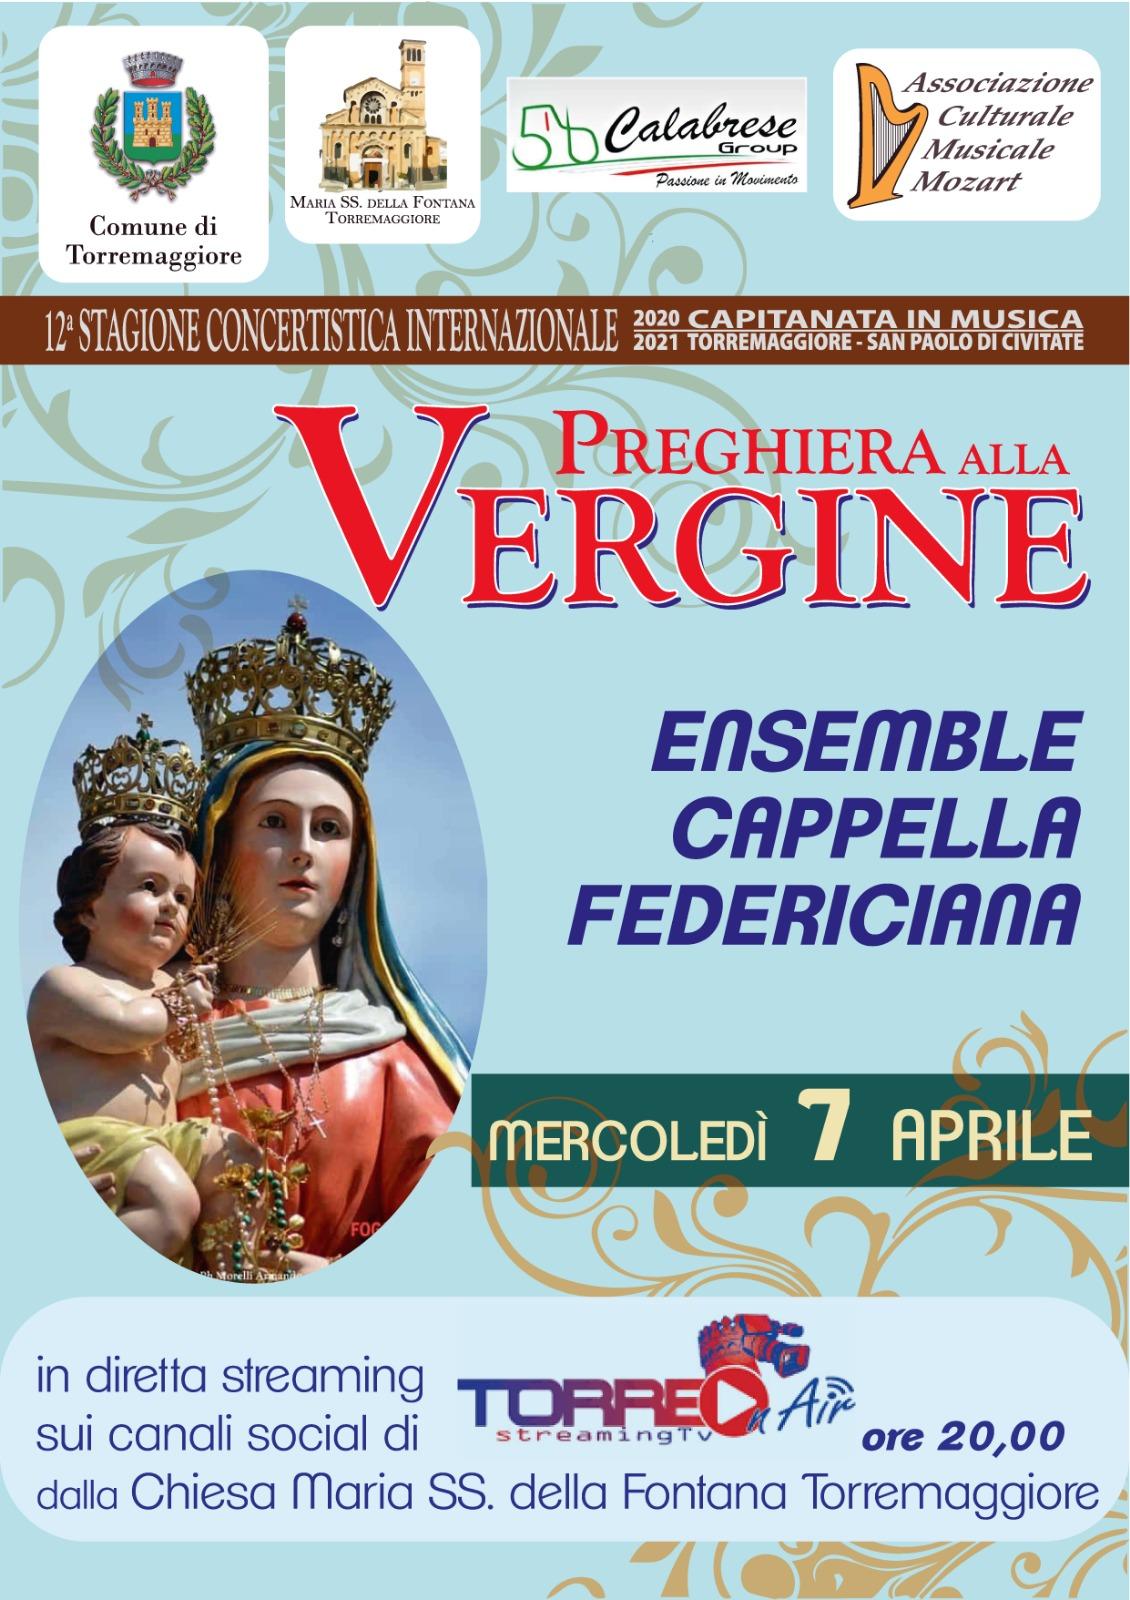 Concerto musicale Preghiera alla Vergine il 7 aprile 2021 alle ore 20 in diretta streaming su Torre on Air a cura dell'Associazione MOZART